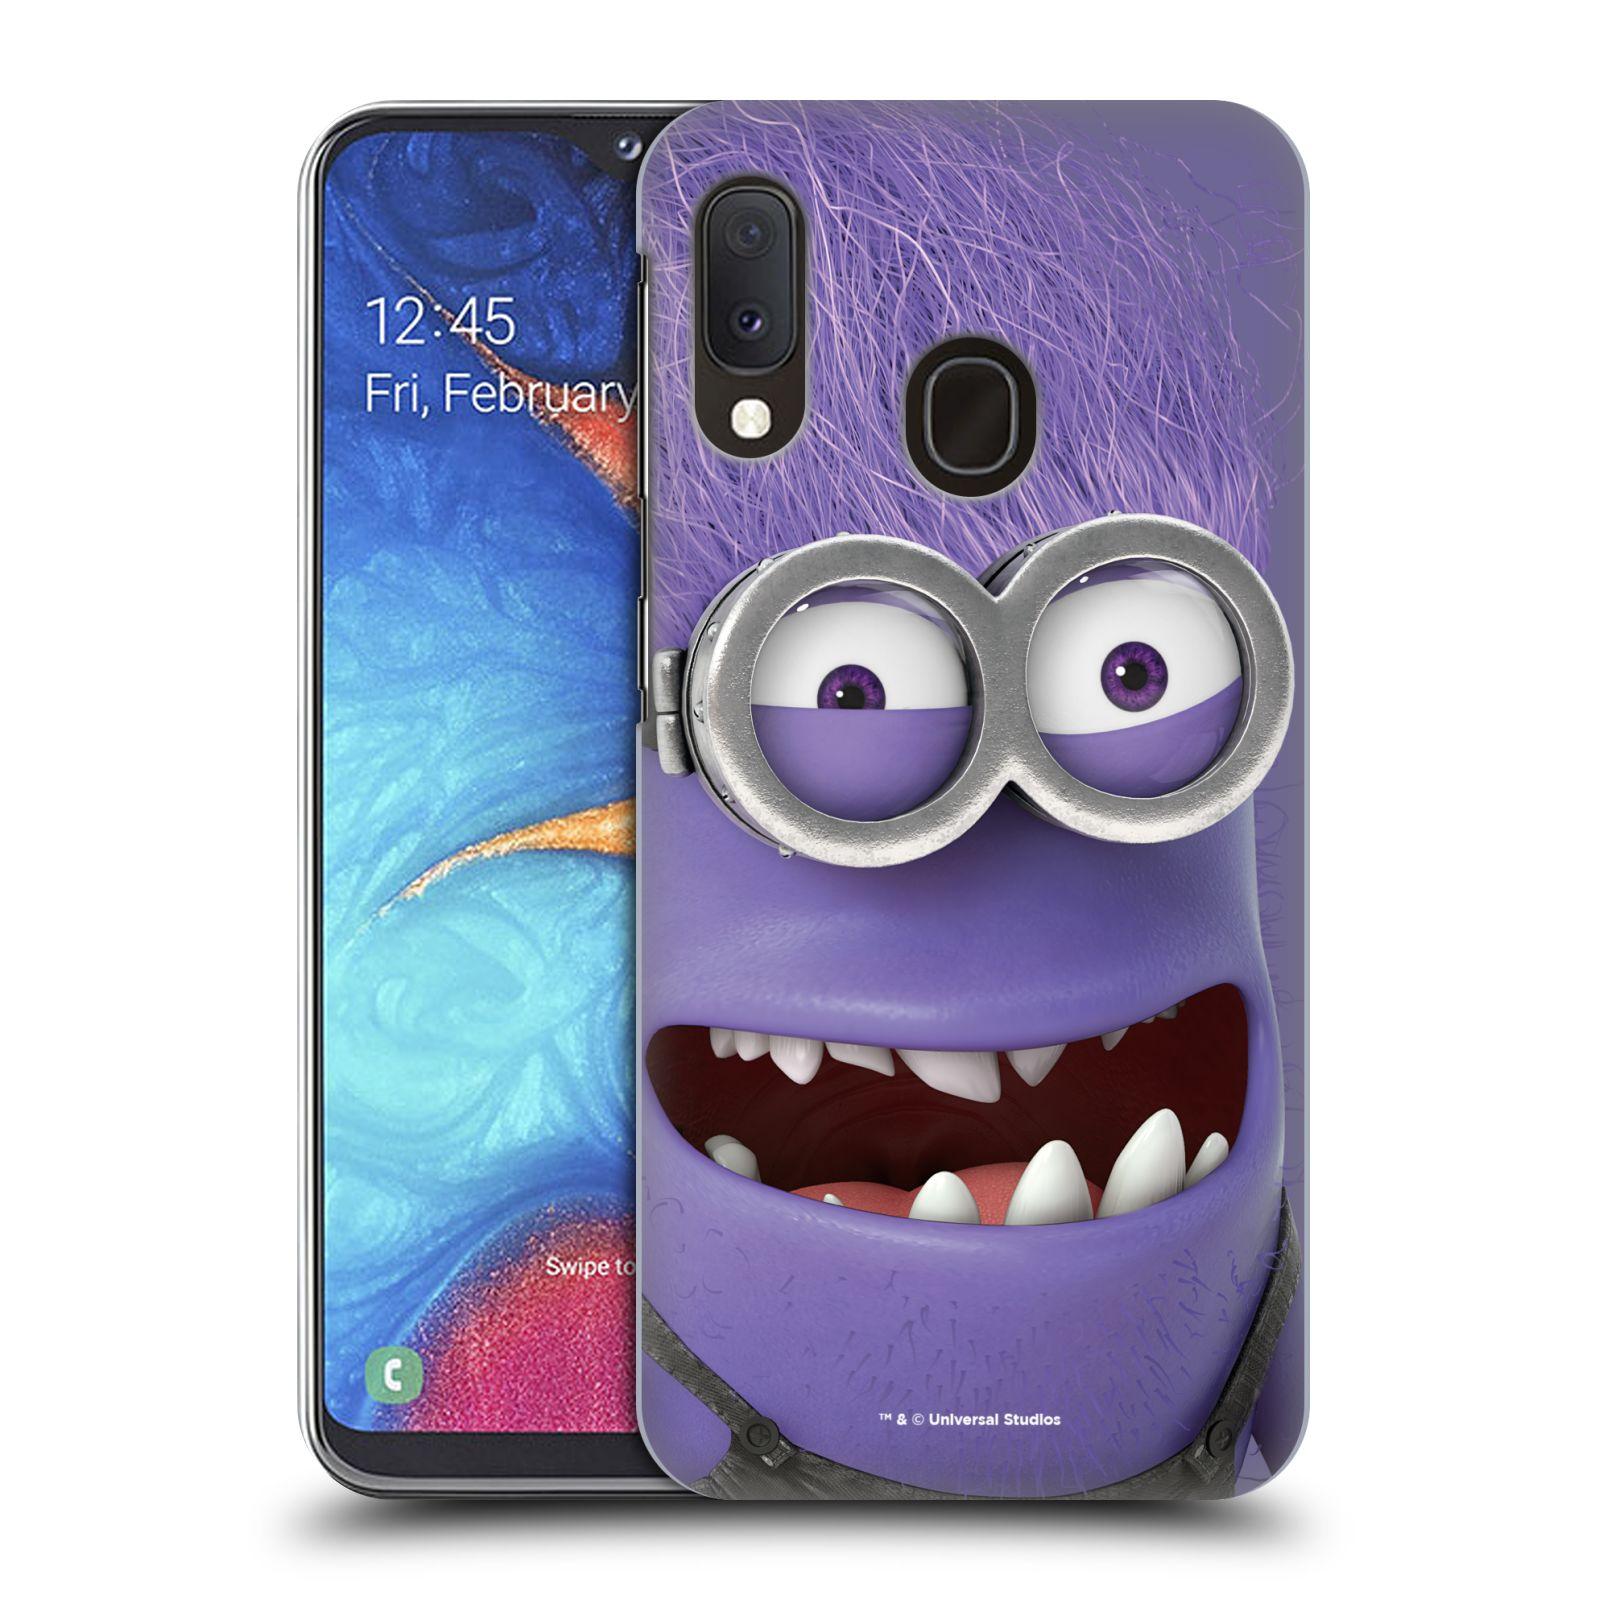 Plastové pouzdro na mobil Samsung Galaxy A20e - Head Case - Zlý Mimoň z filmu Já, padouch - Despicable Me